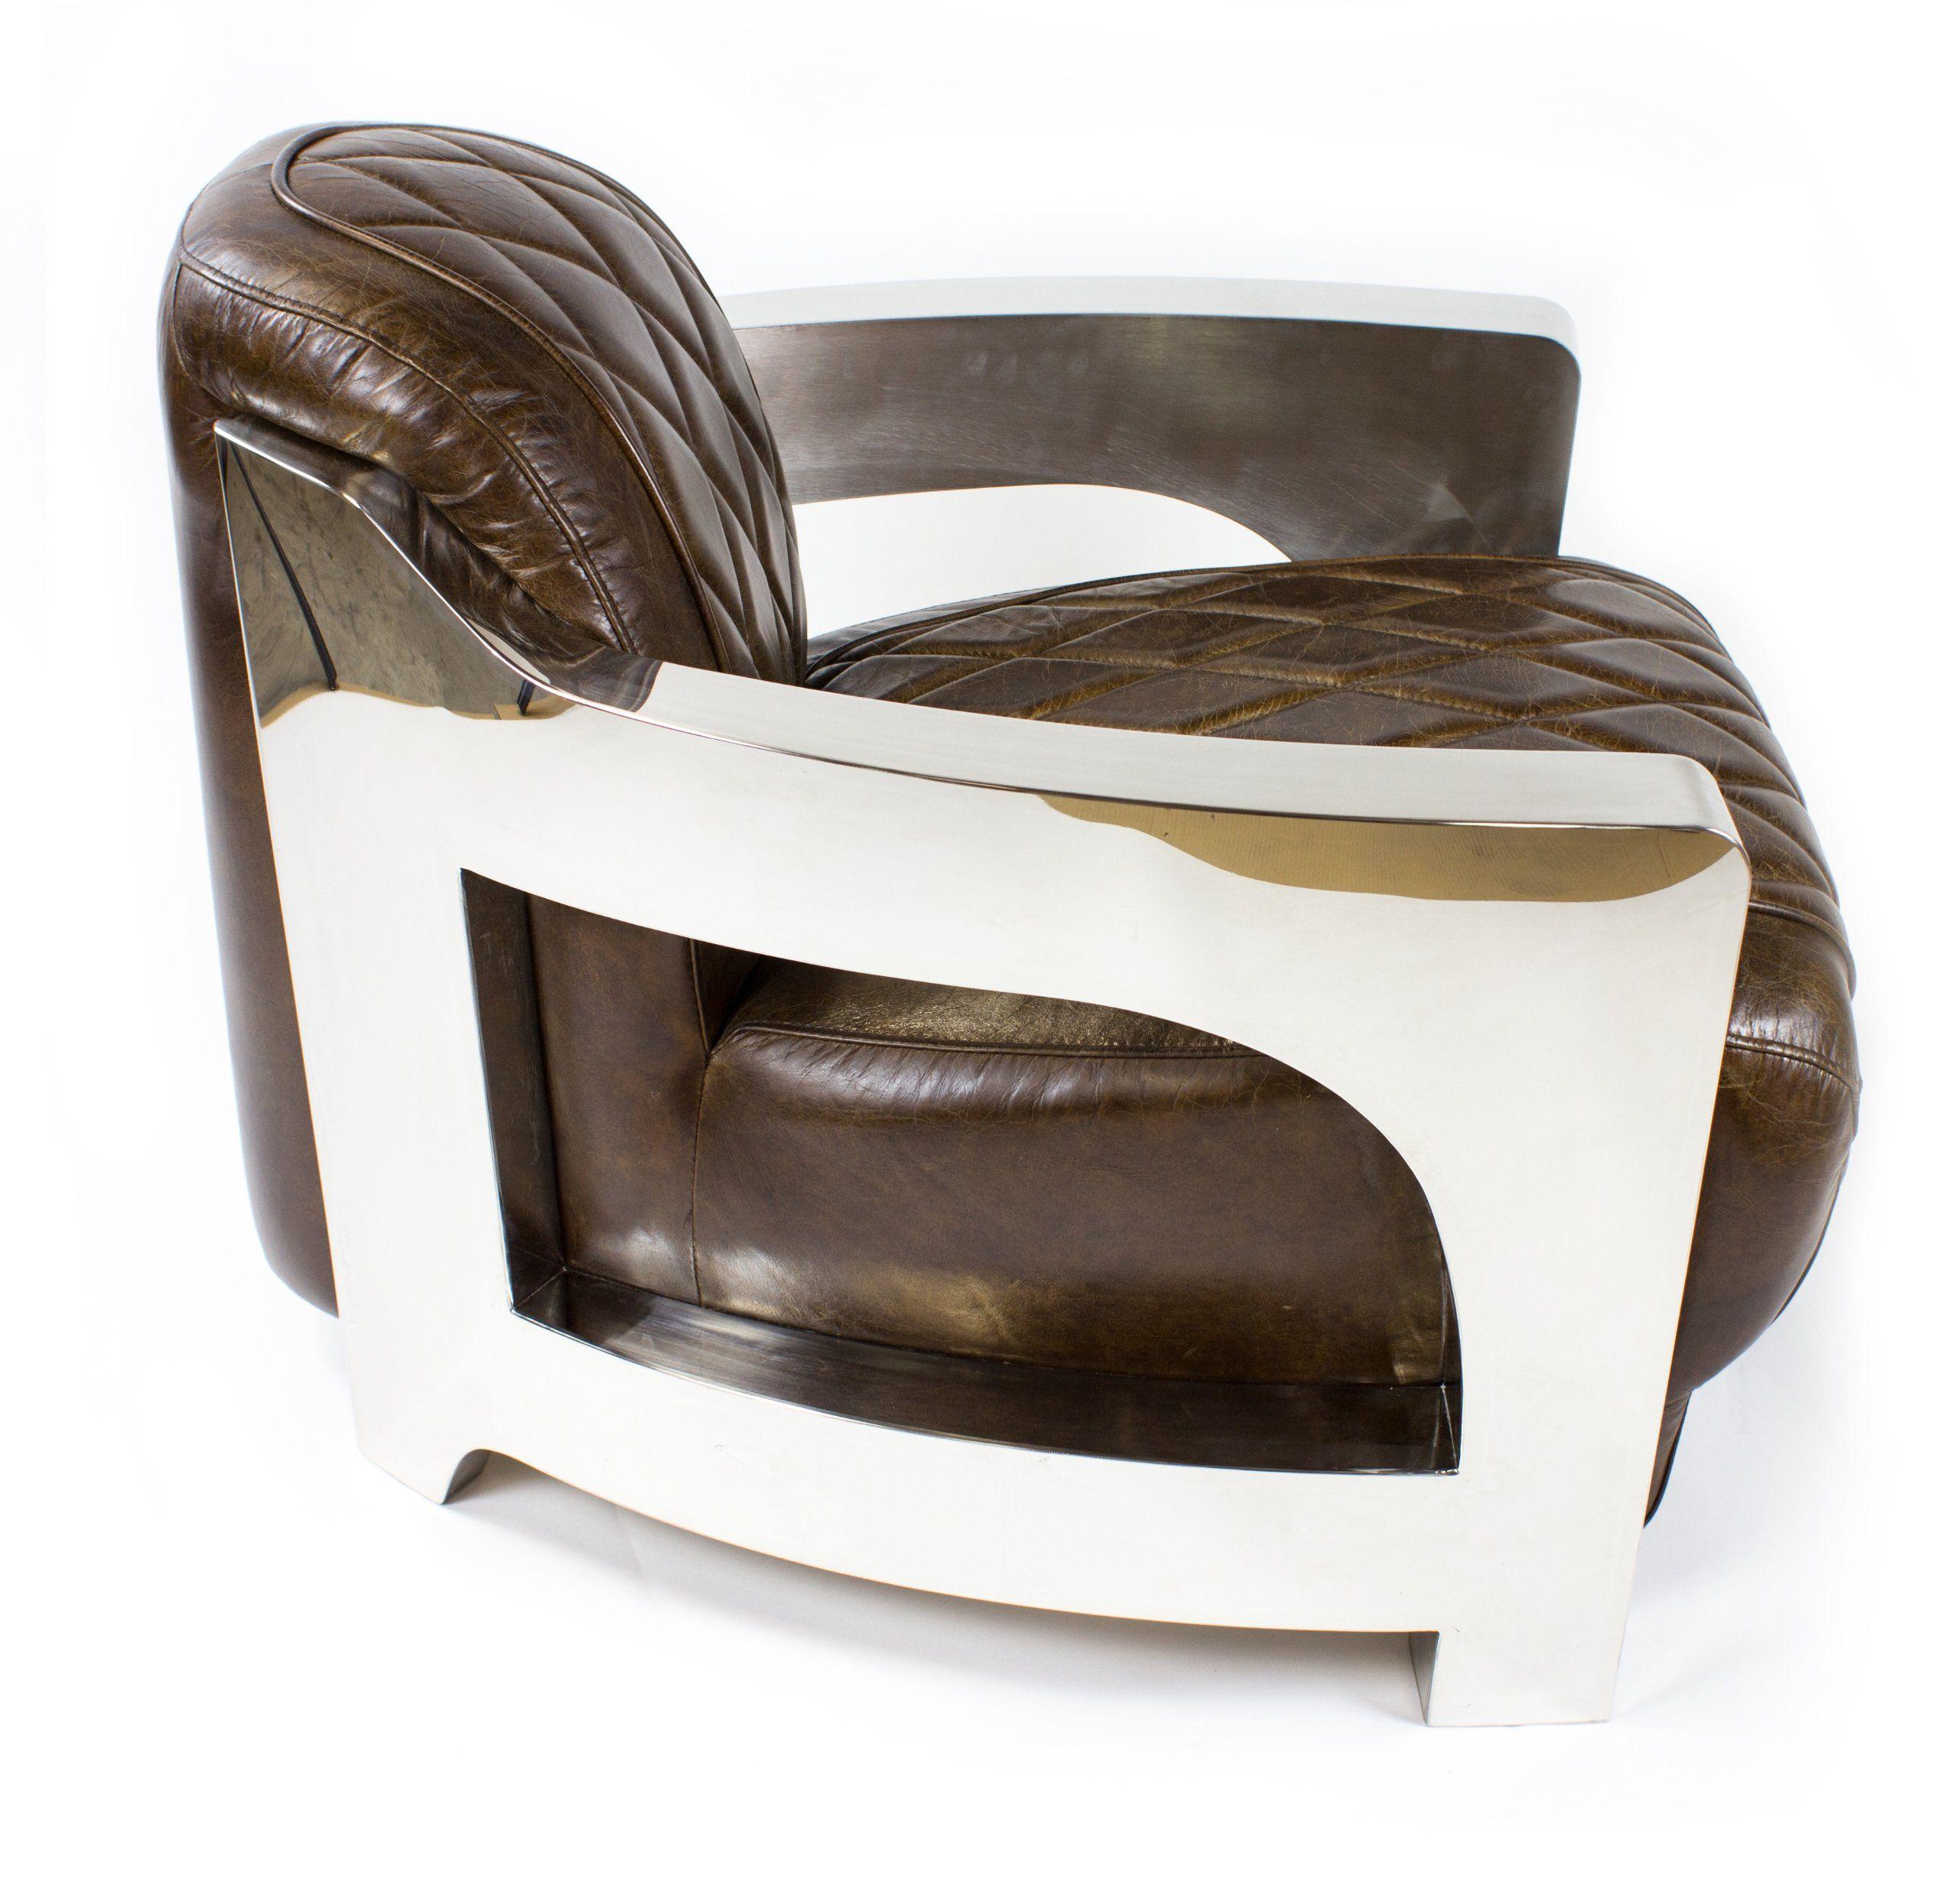 Vintage Echtleder Sessel Edelstahl Ledersessel Design Lounge Sofa ...